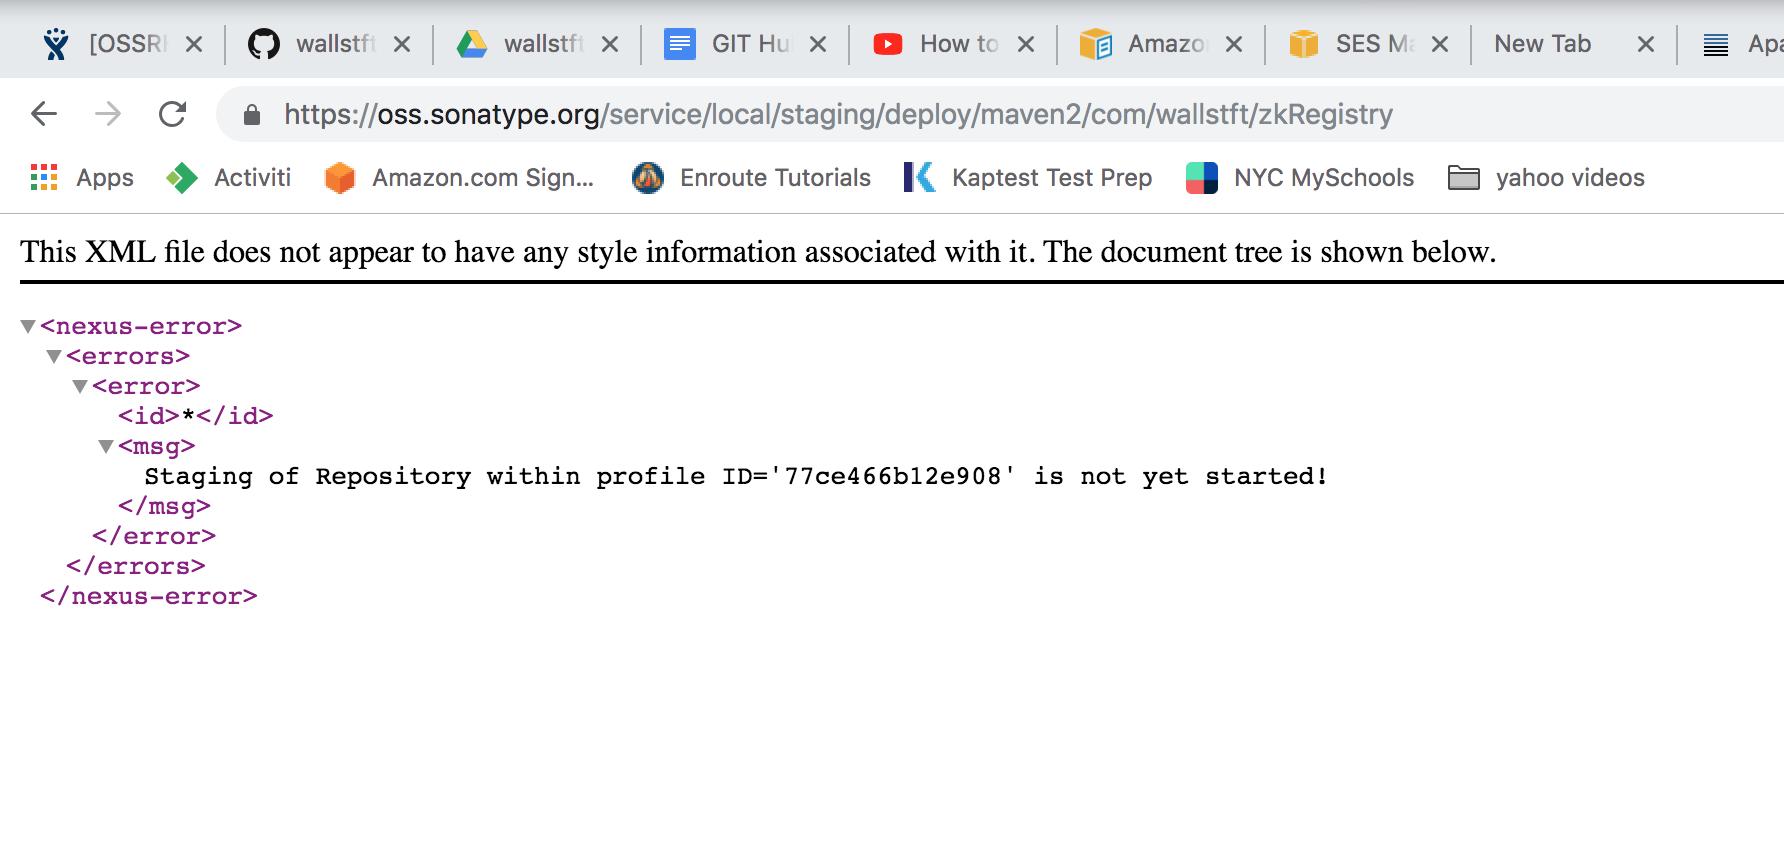 OSSRH-43617] Create repository for com wallstft zkRegistry